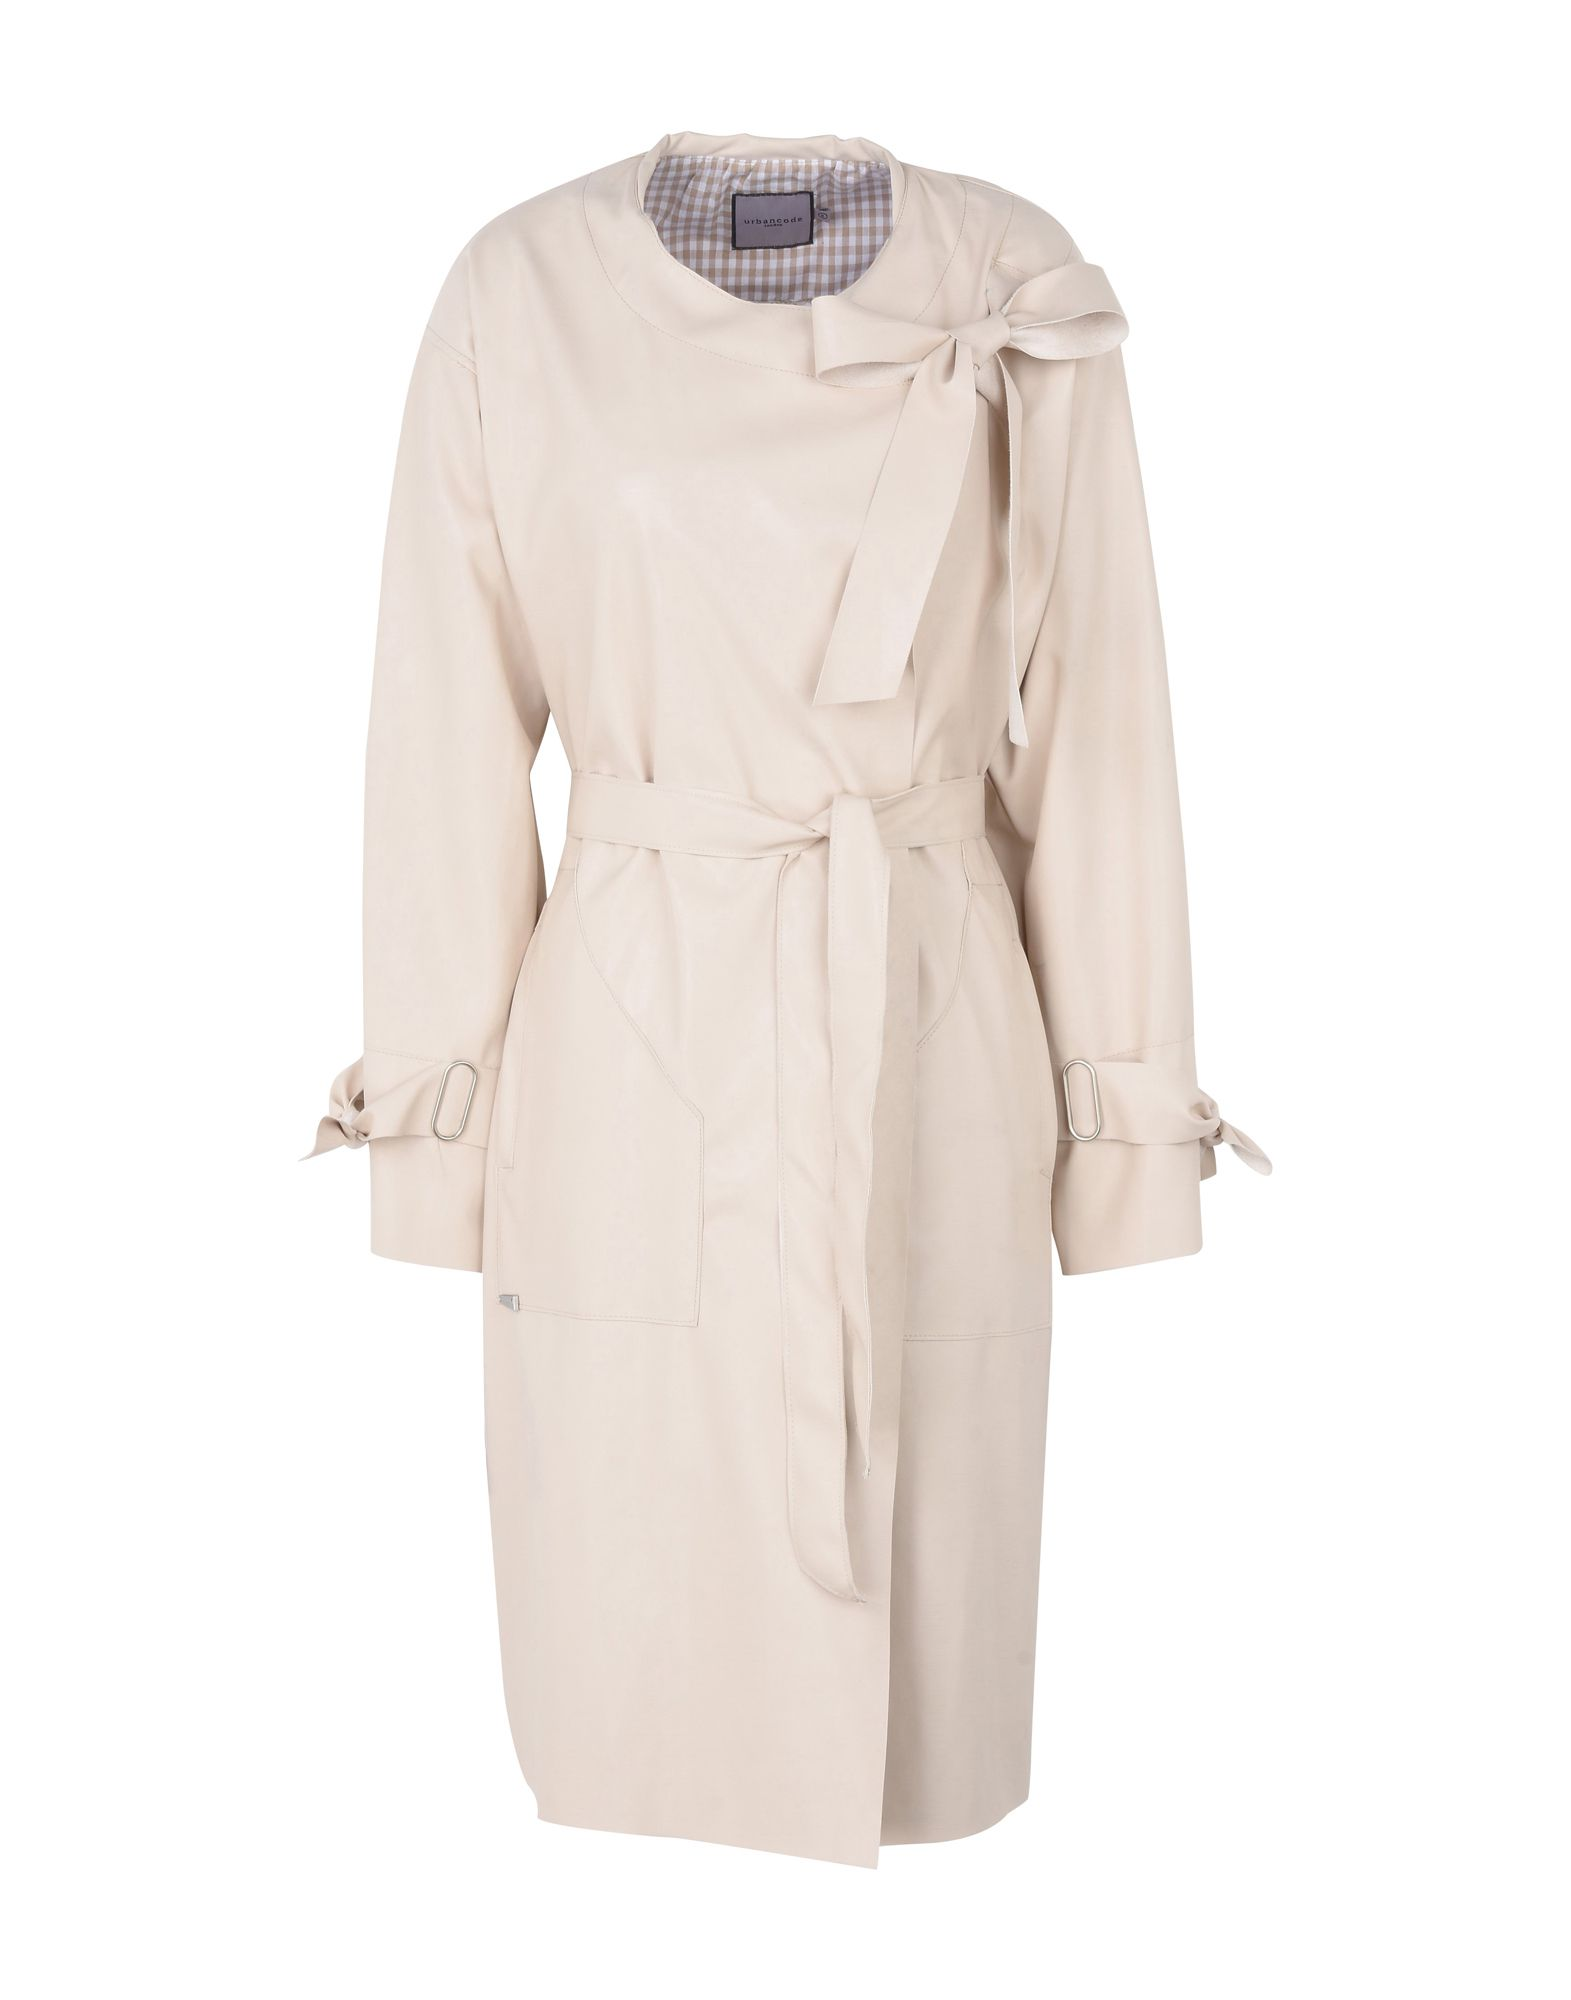 URBANCODE Overcoats in Beige